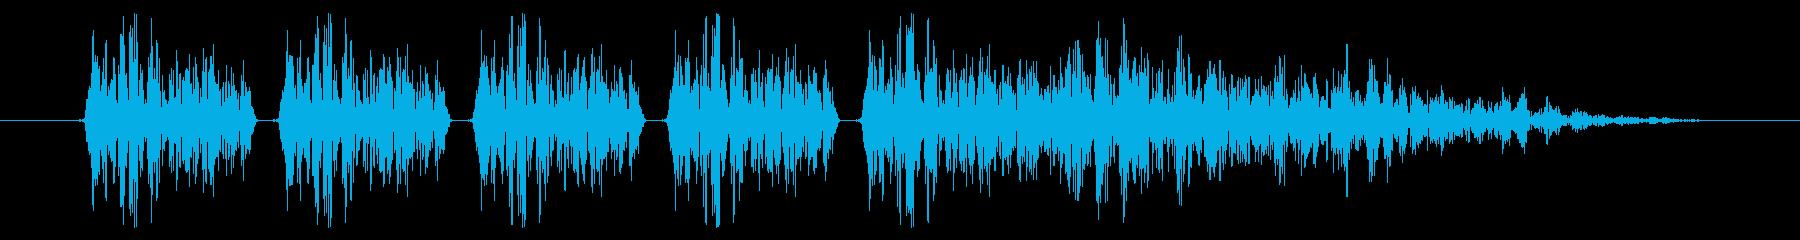 SNES シューティング02-11(ダメの再生済みの波形